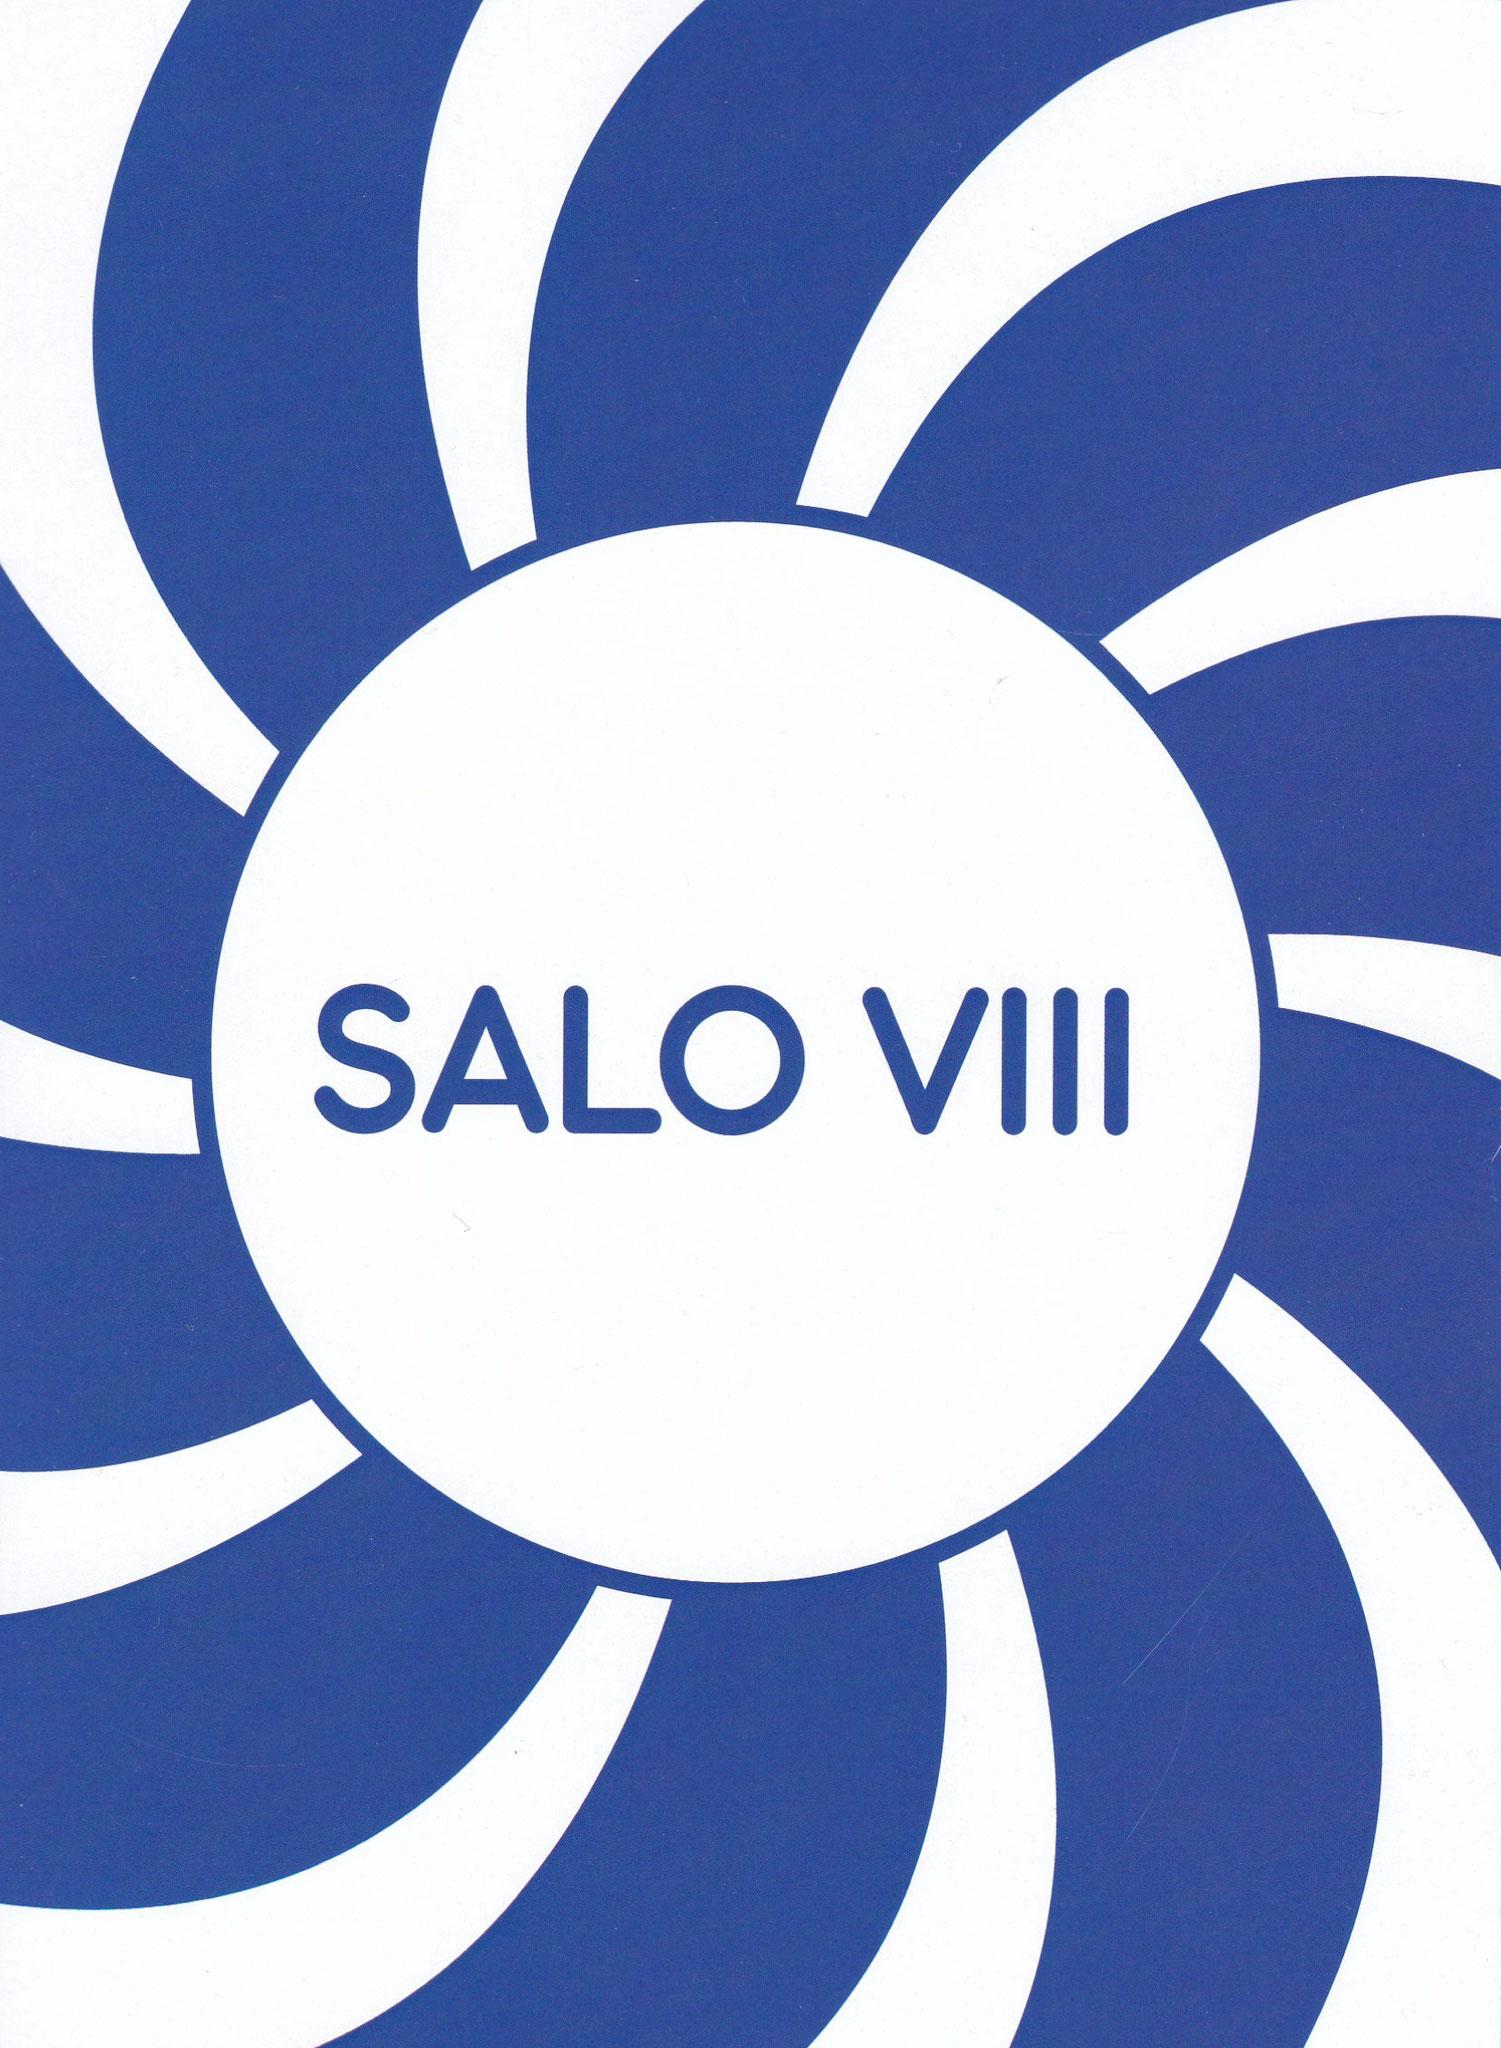 Salo VIII, Catalogue de 84 pages, Texte de Laurent Quénéhen, 14.7x21cm, Edition Les Salaisons, 2020